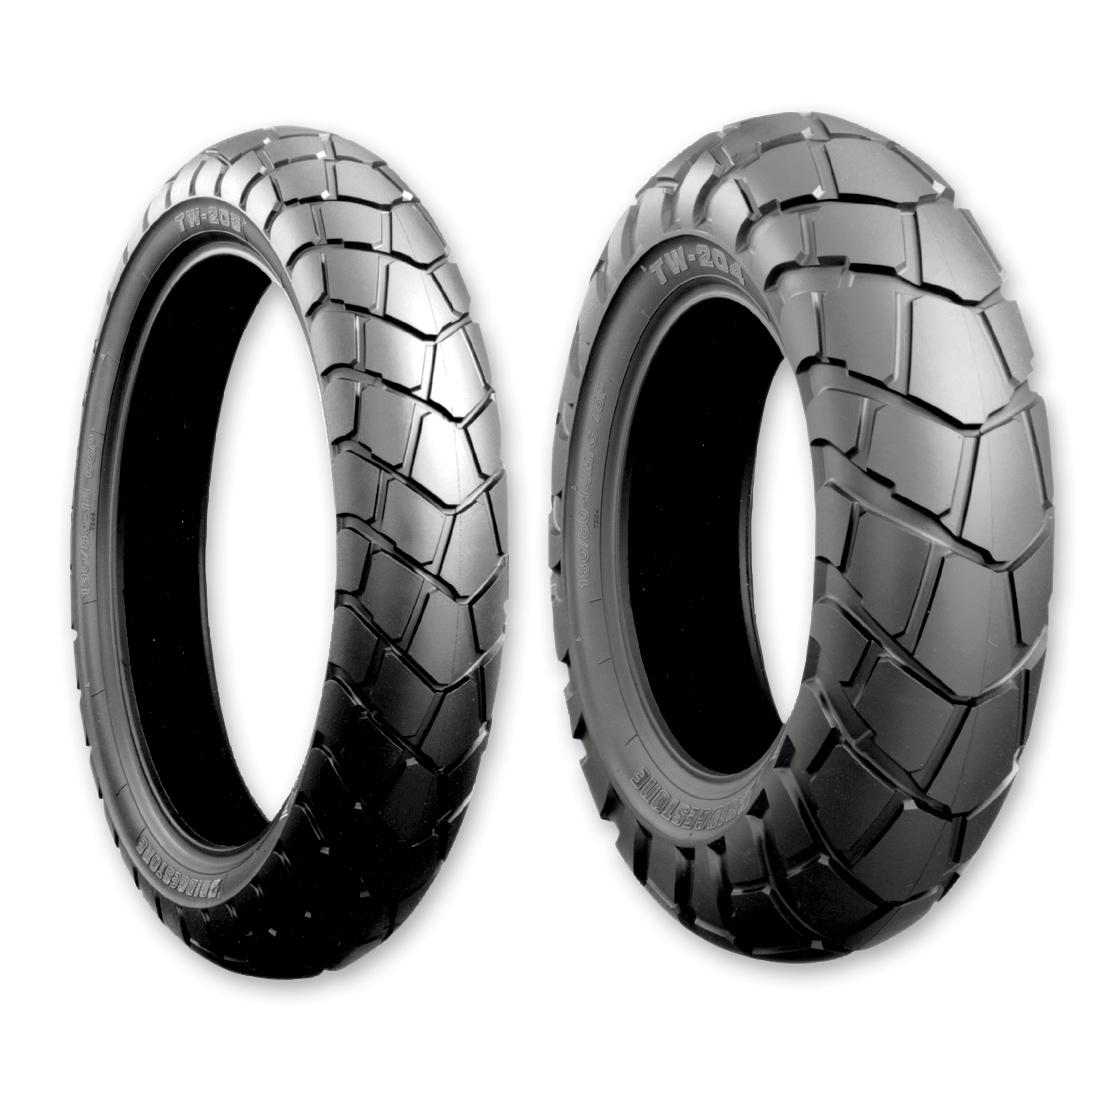 Bridgestone TW203 130/80-18 Front Tire